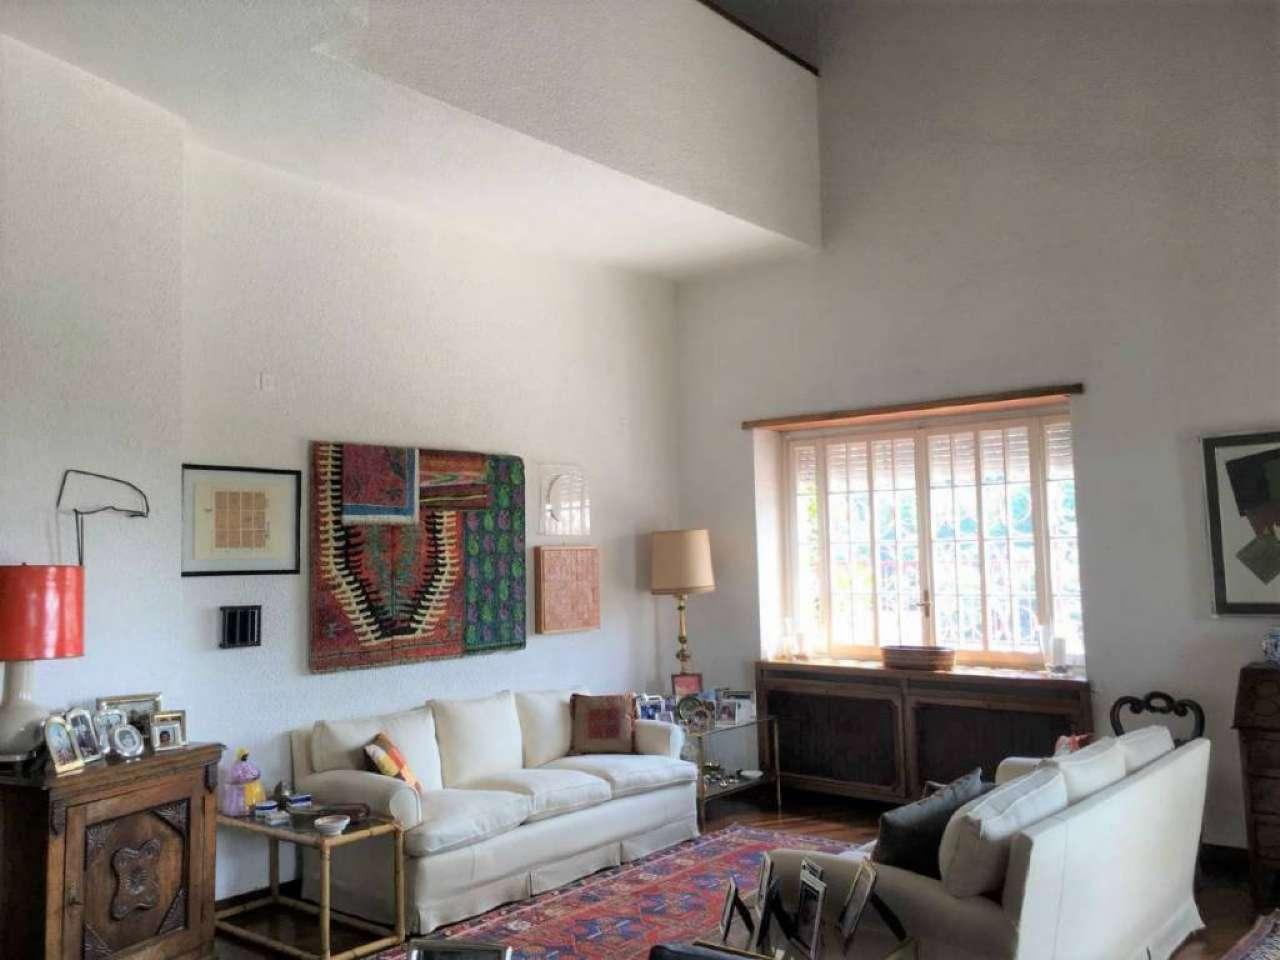 Villa Bifamiliare in affitto a Moncalieri, 7 locali, prezzo € 1.800 | PortaleAgenzieImmobiliari.it